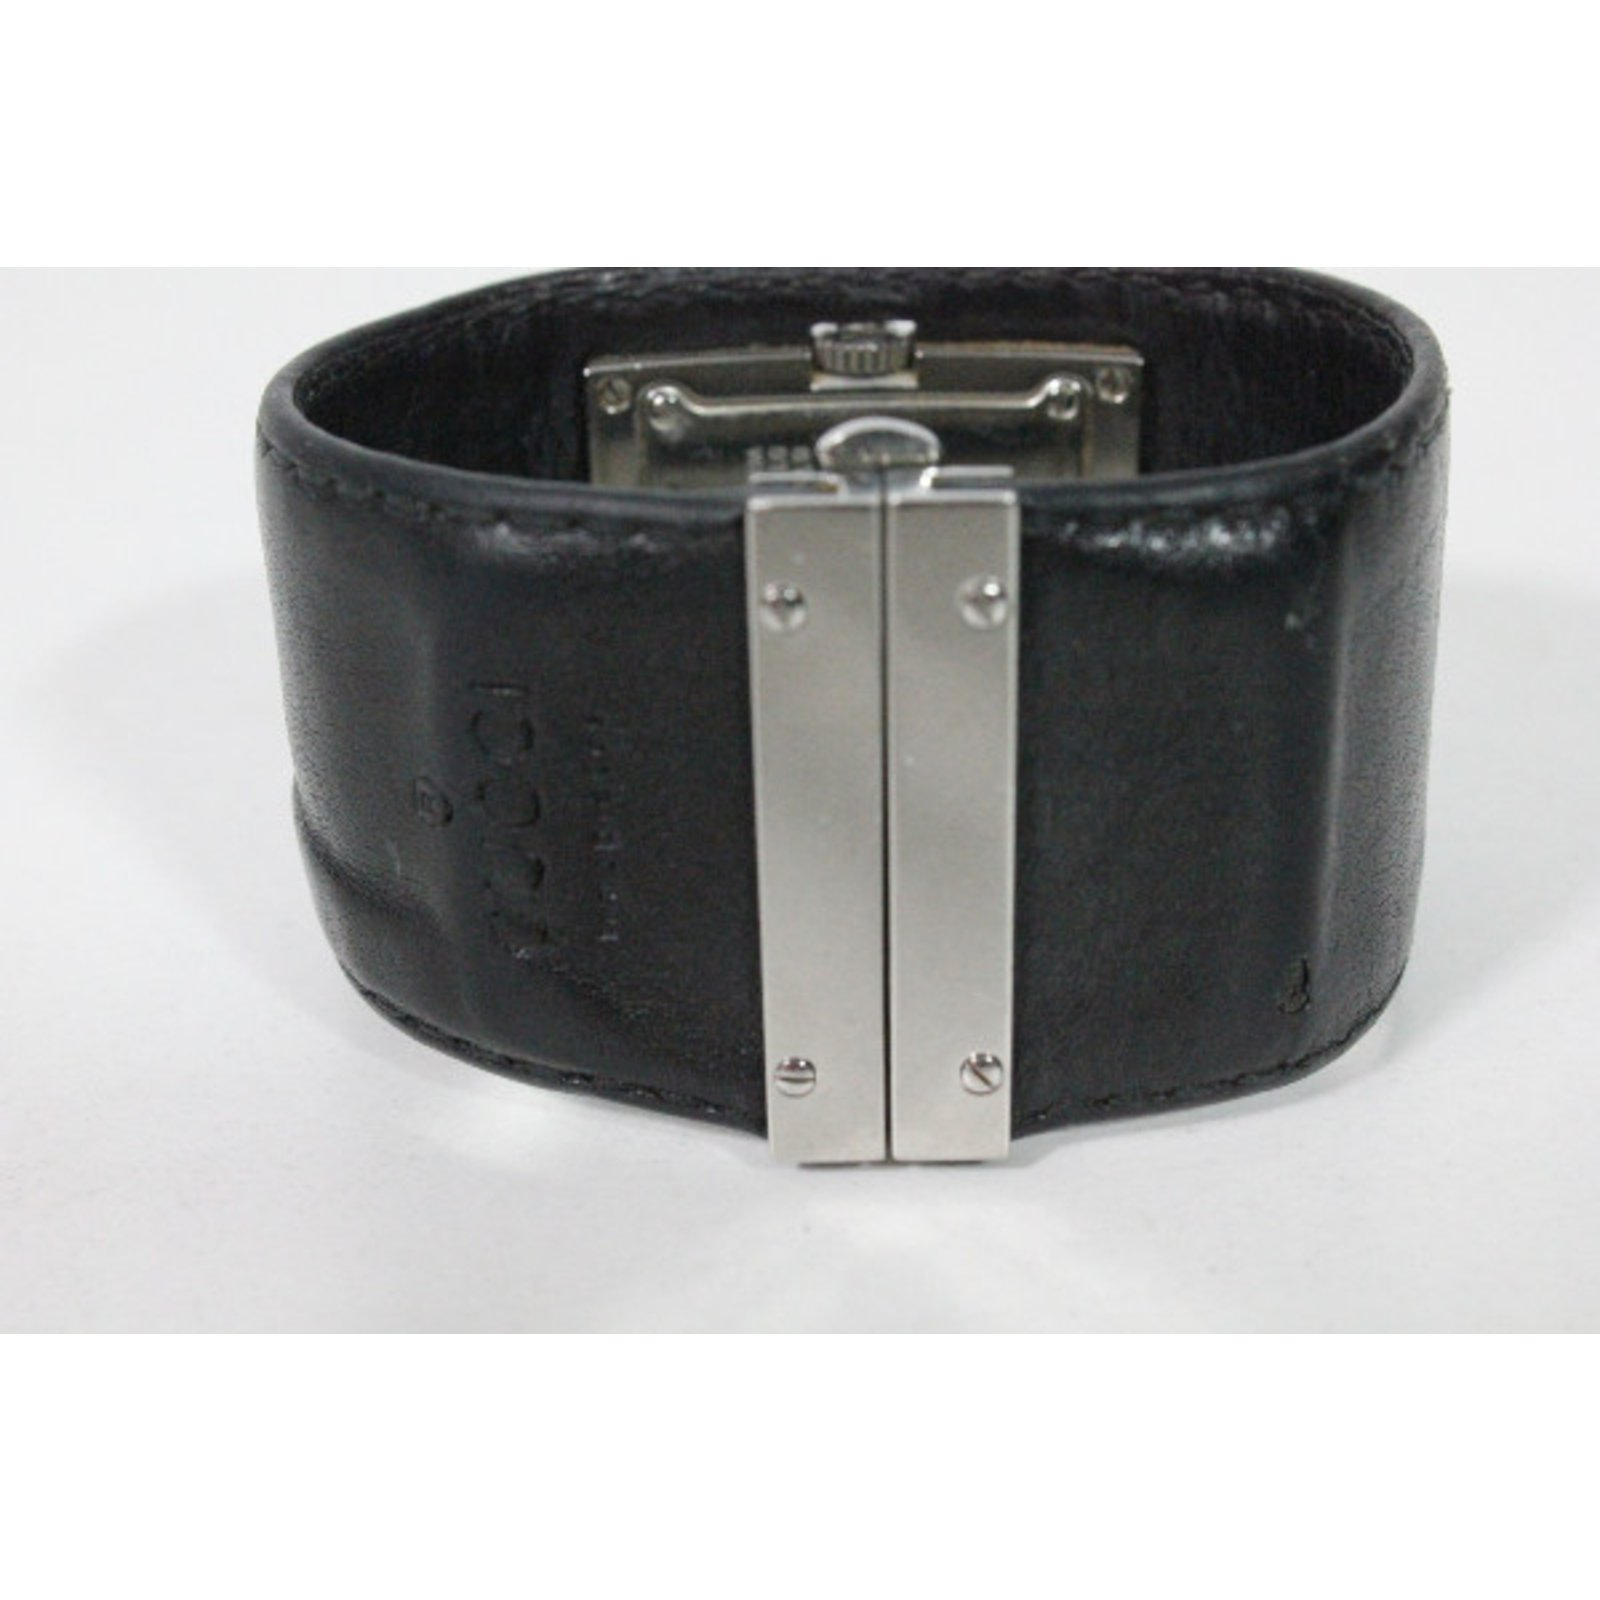 e5c2230959b montre gucci femme bracelet cuir noir